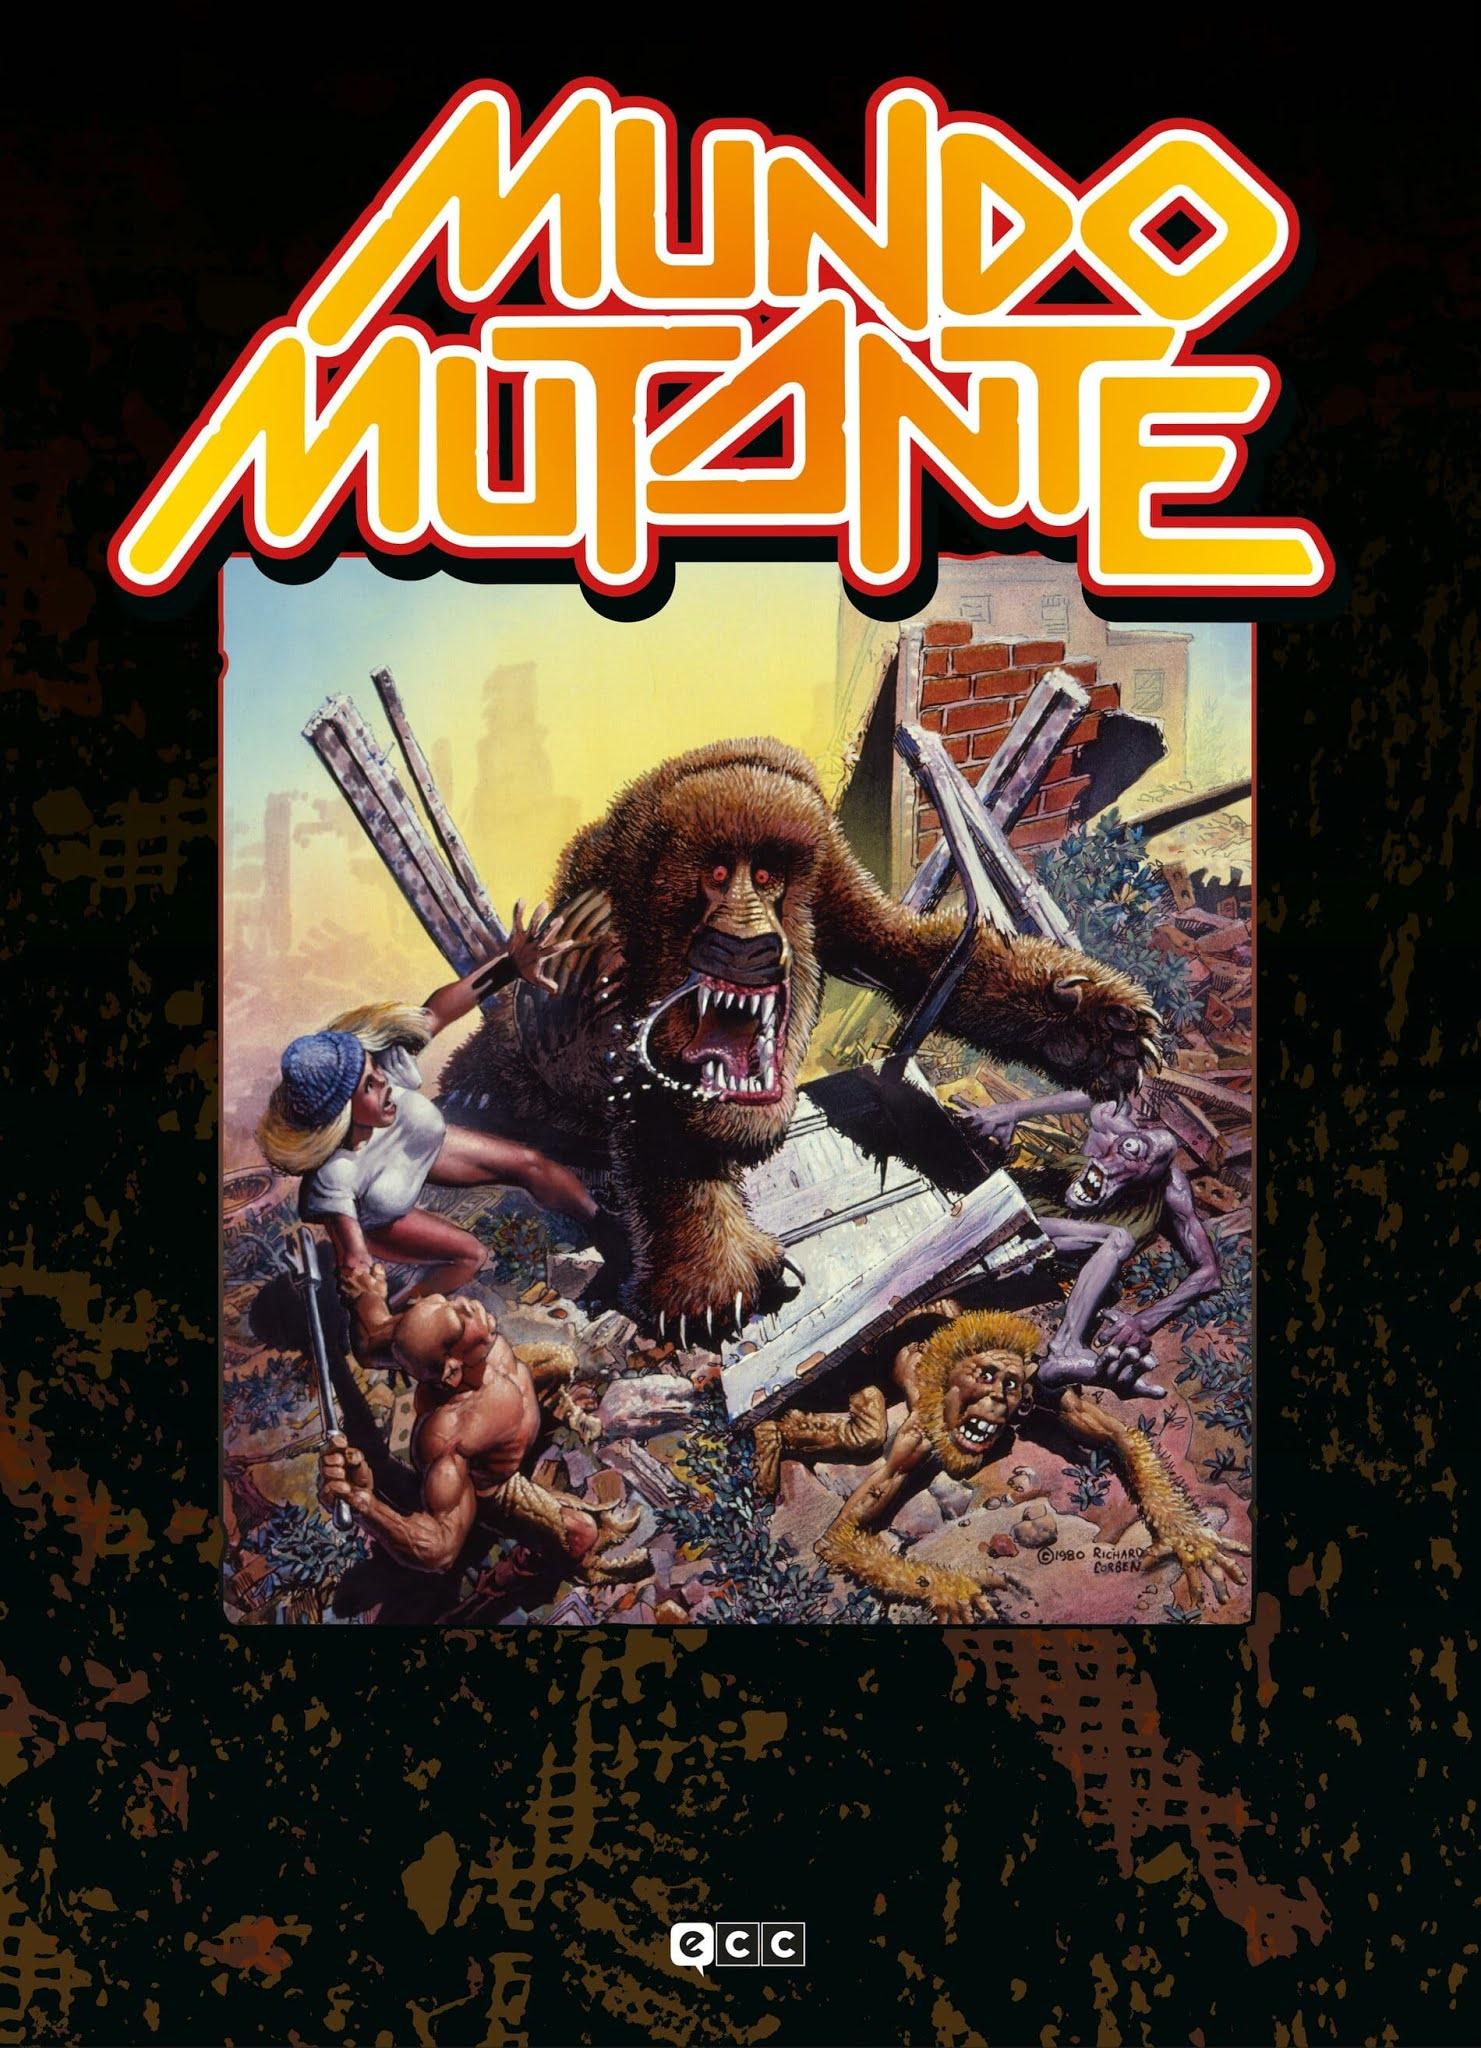 Mundo Mutante, Richard Corben